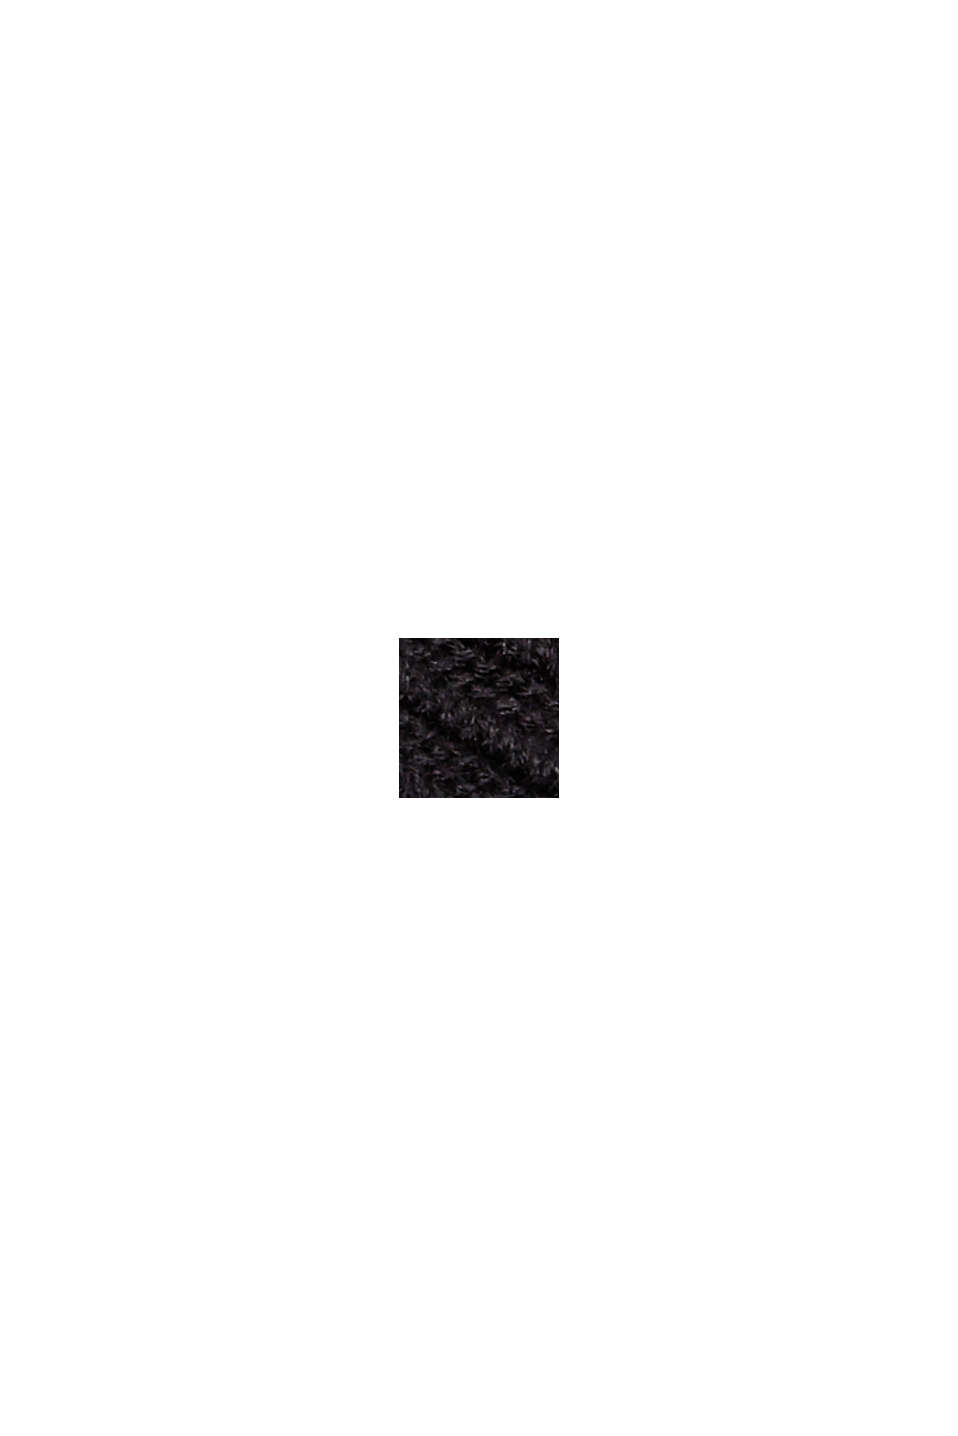 Ribbet cardigan i 100% økobomuld uden lukning, BLACK, swatch